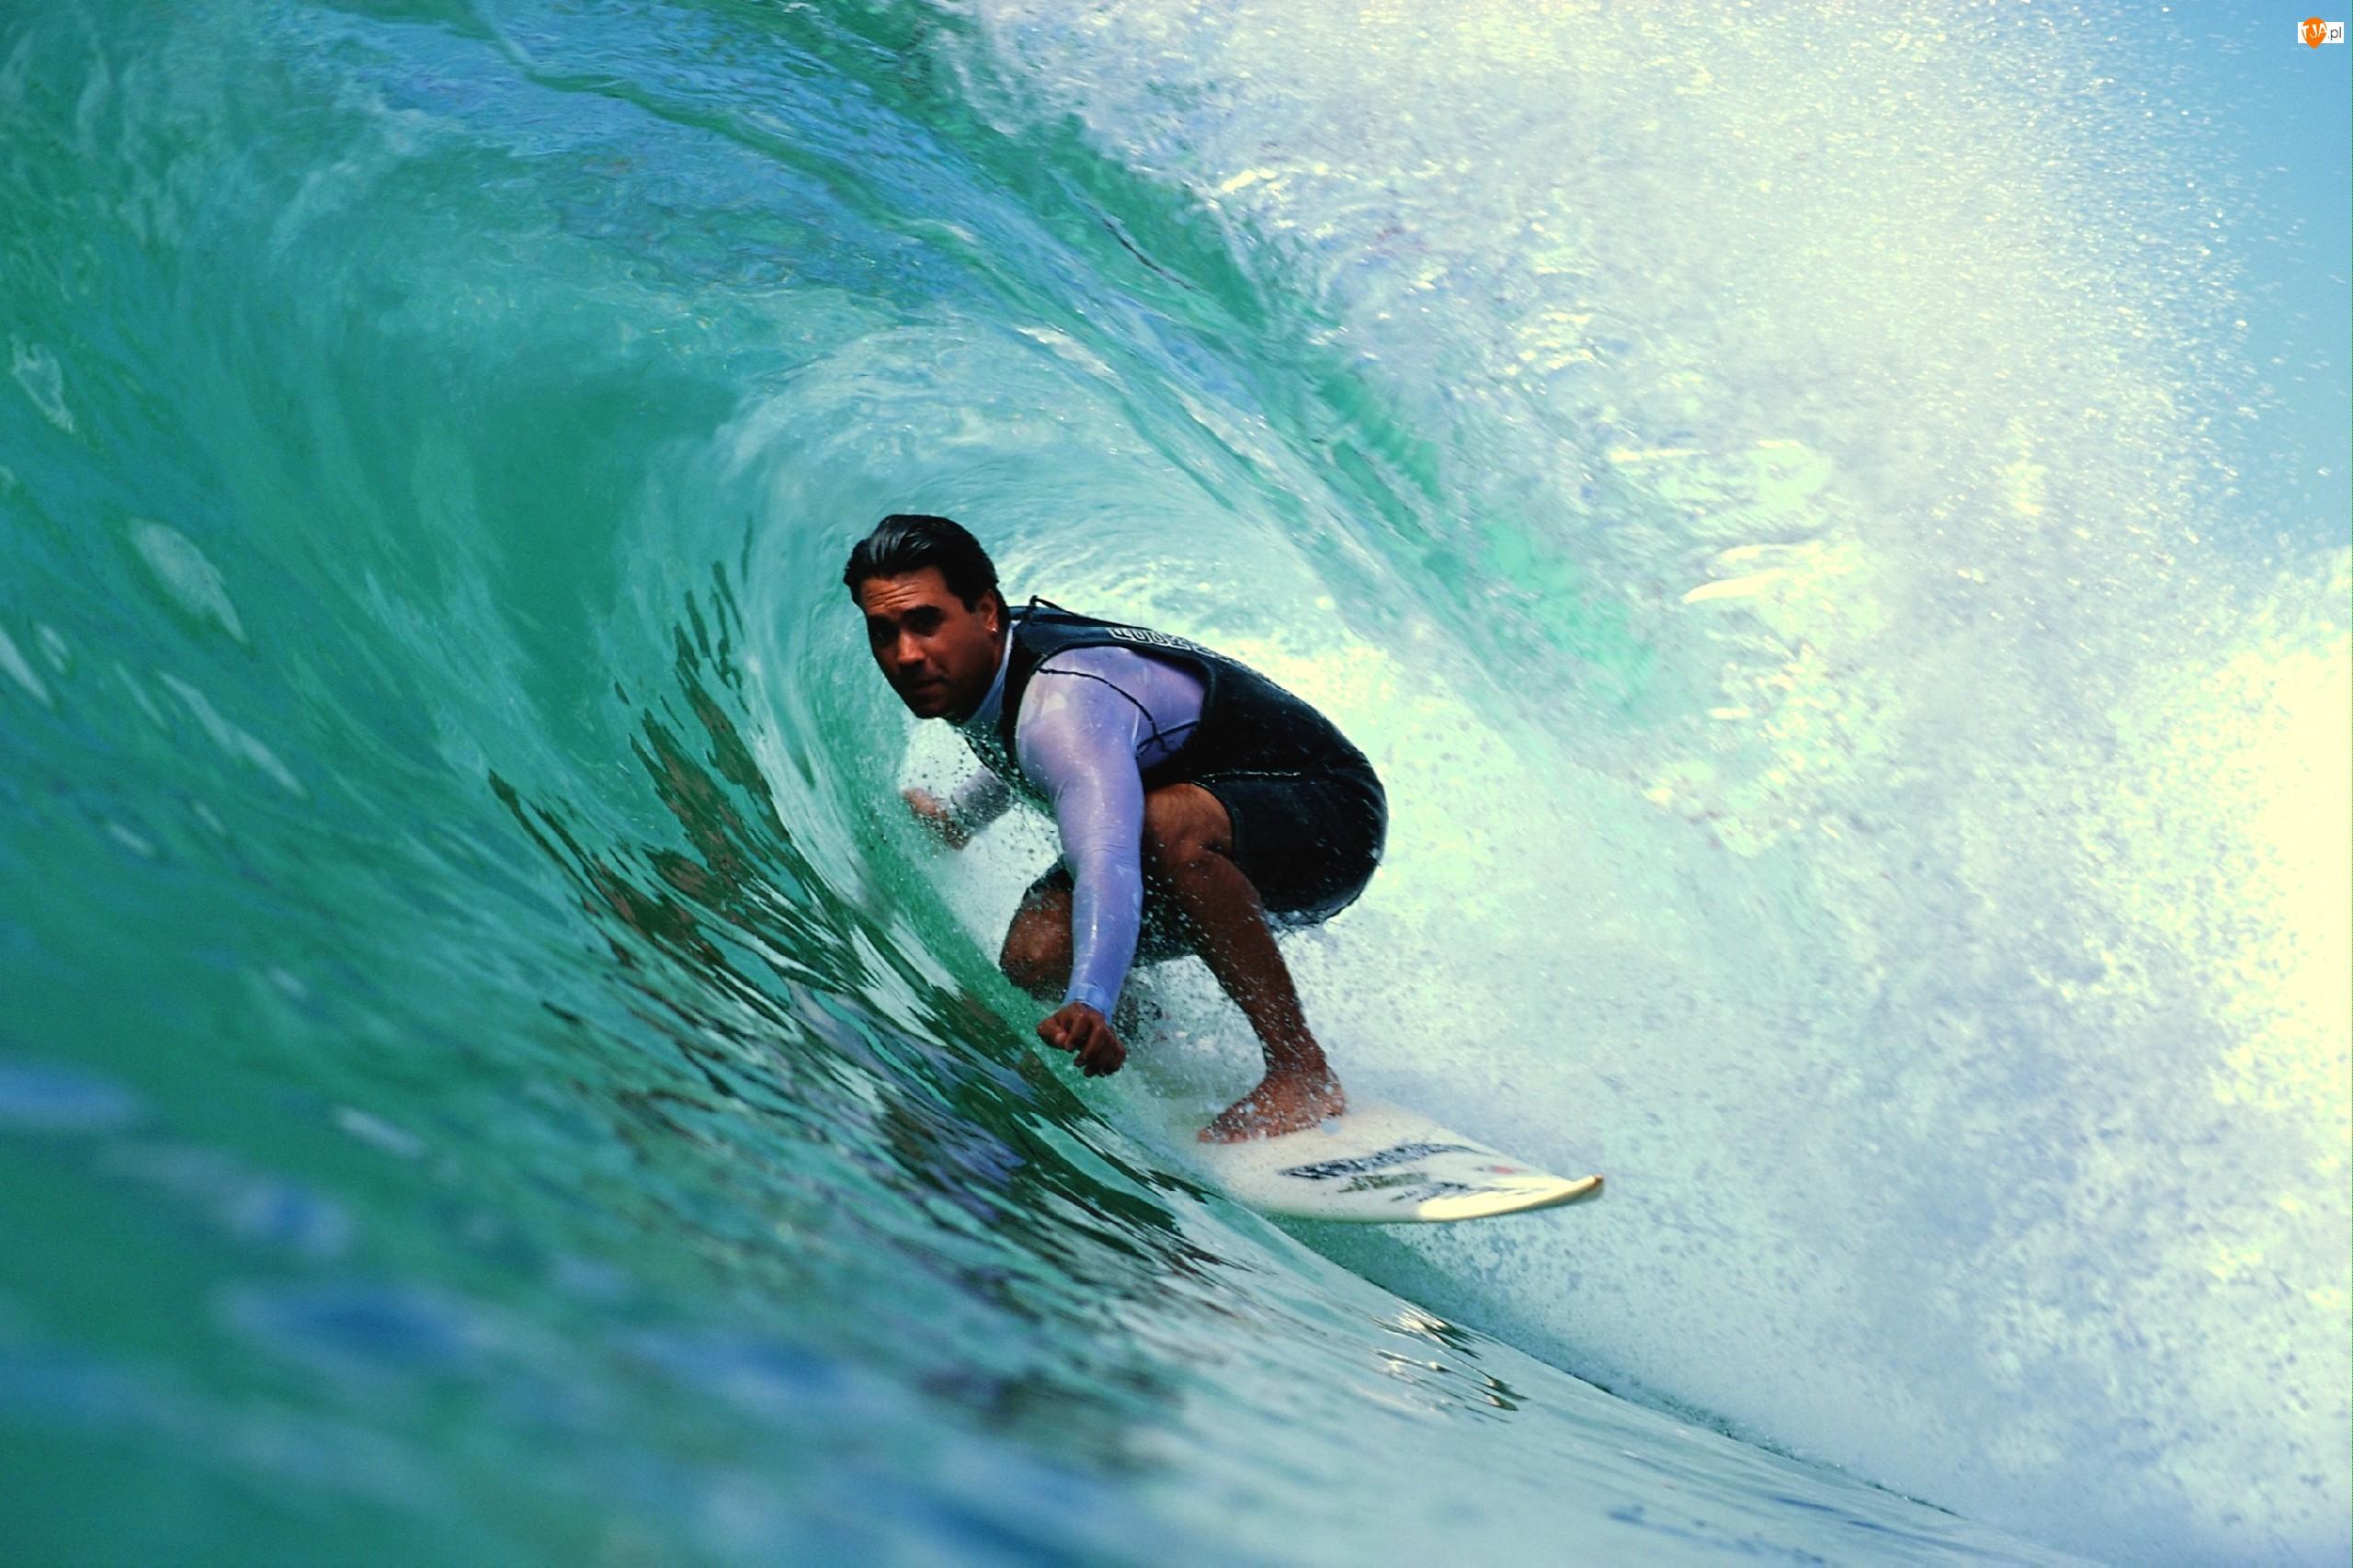 Deska, Surfer, Fala